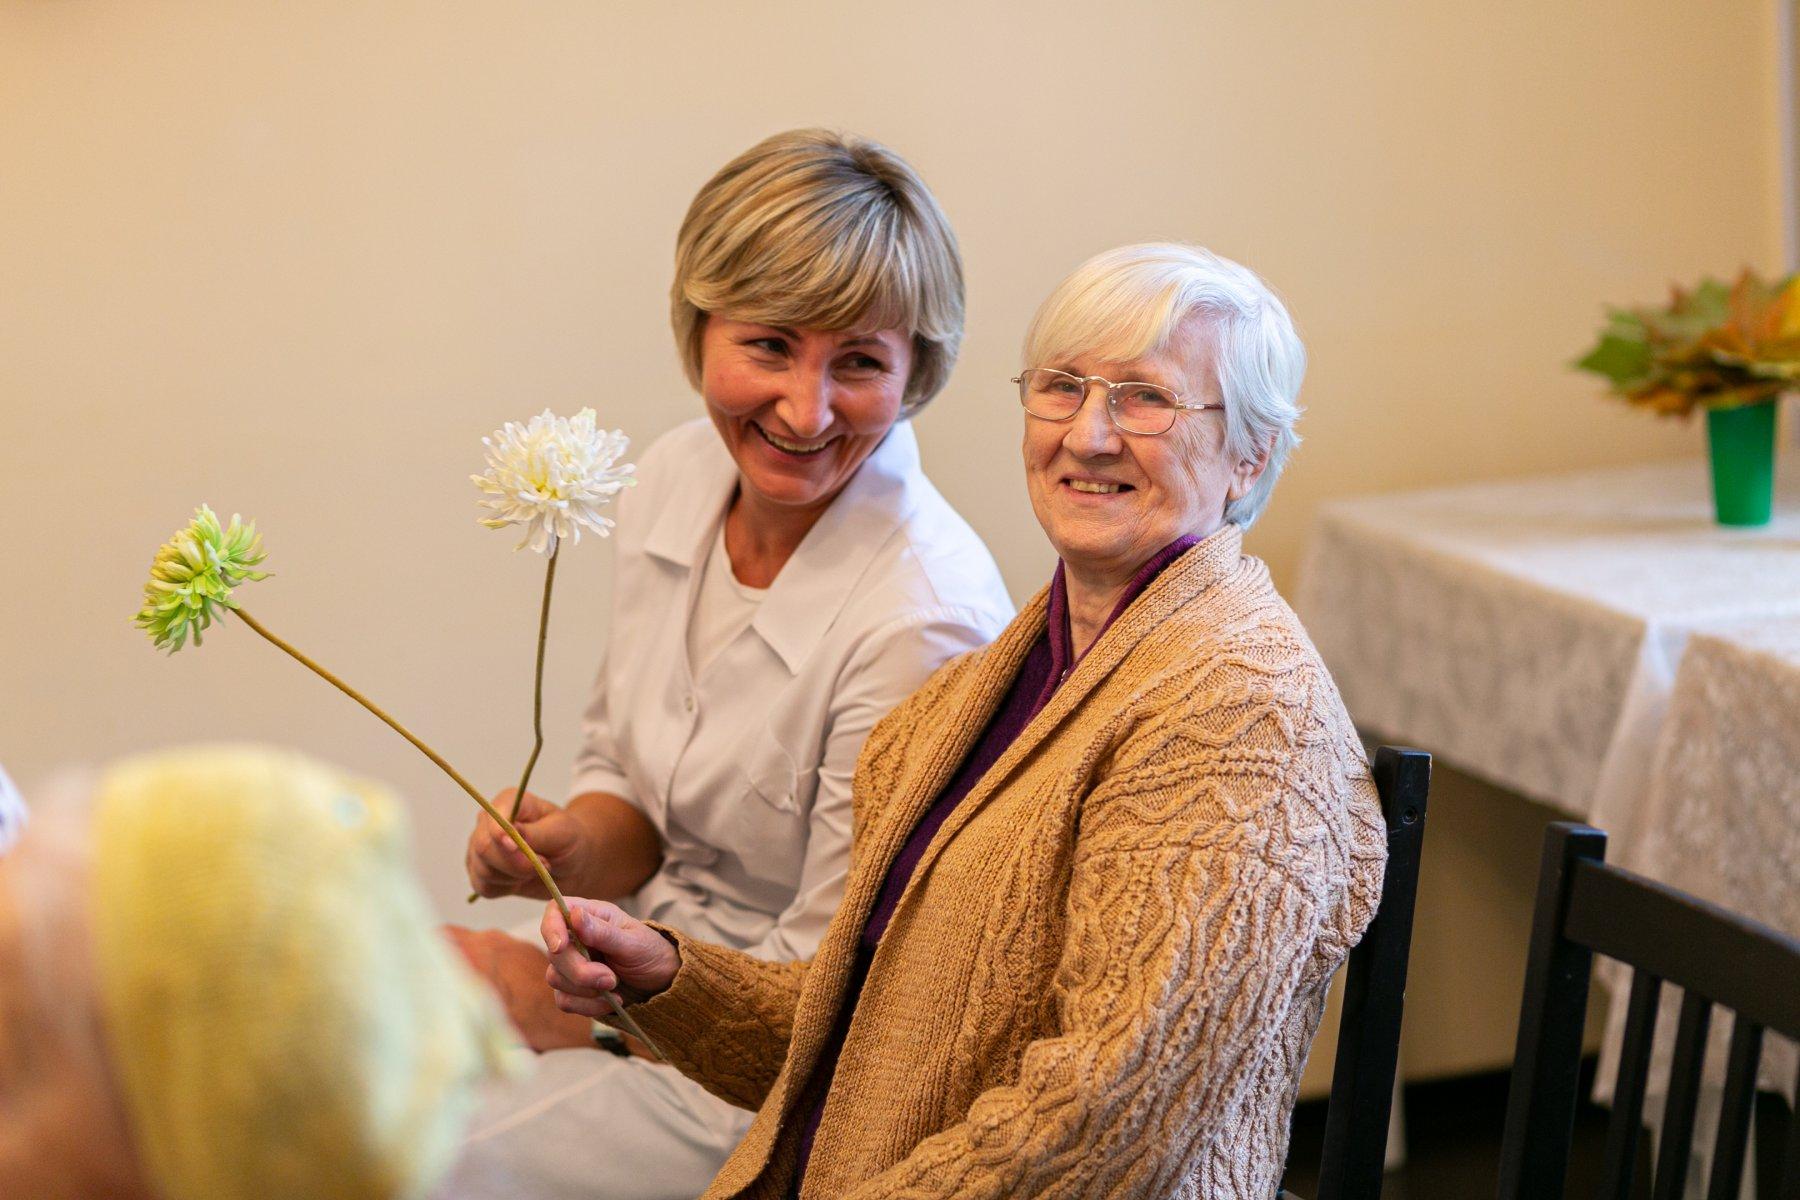 виду картинки пансионат для престарелых этой статье разберемся